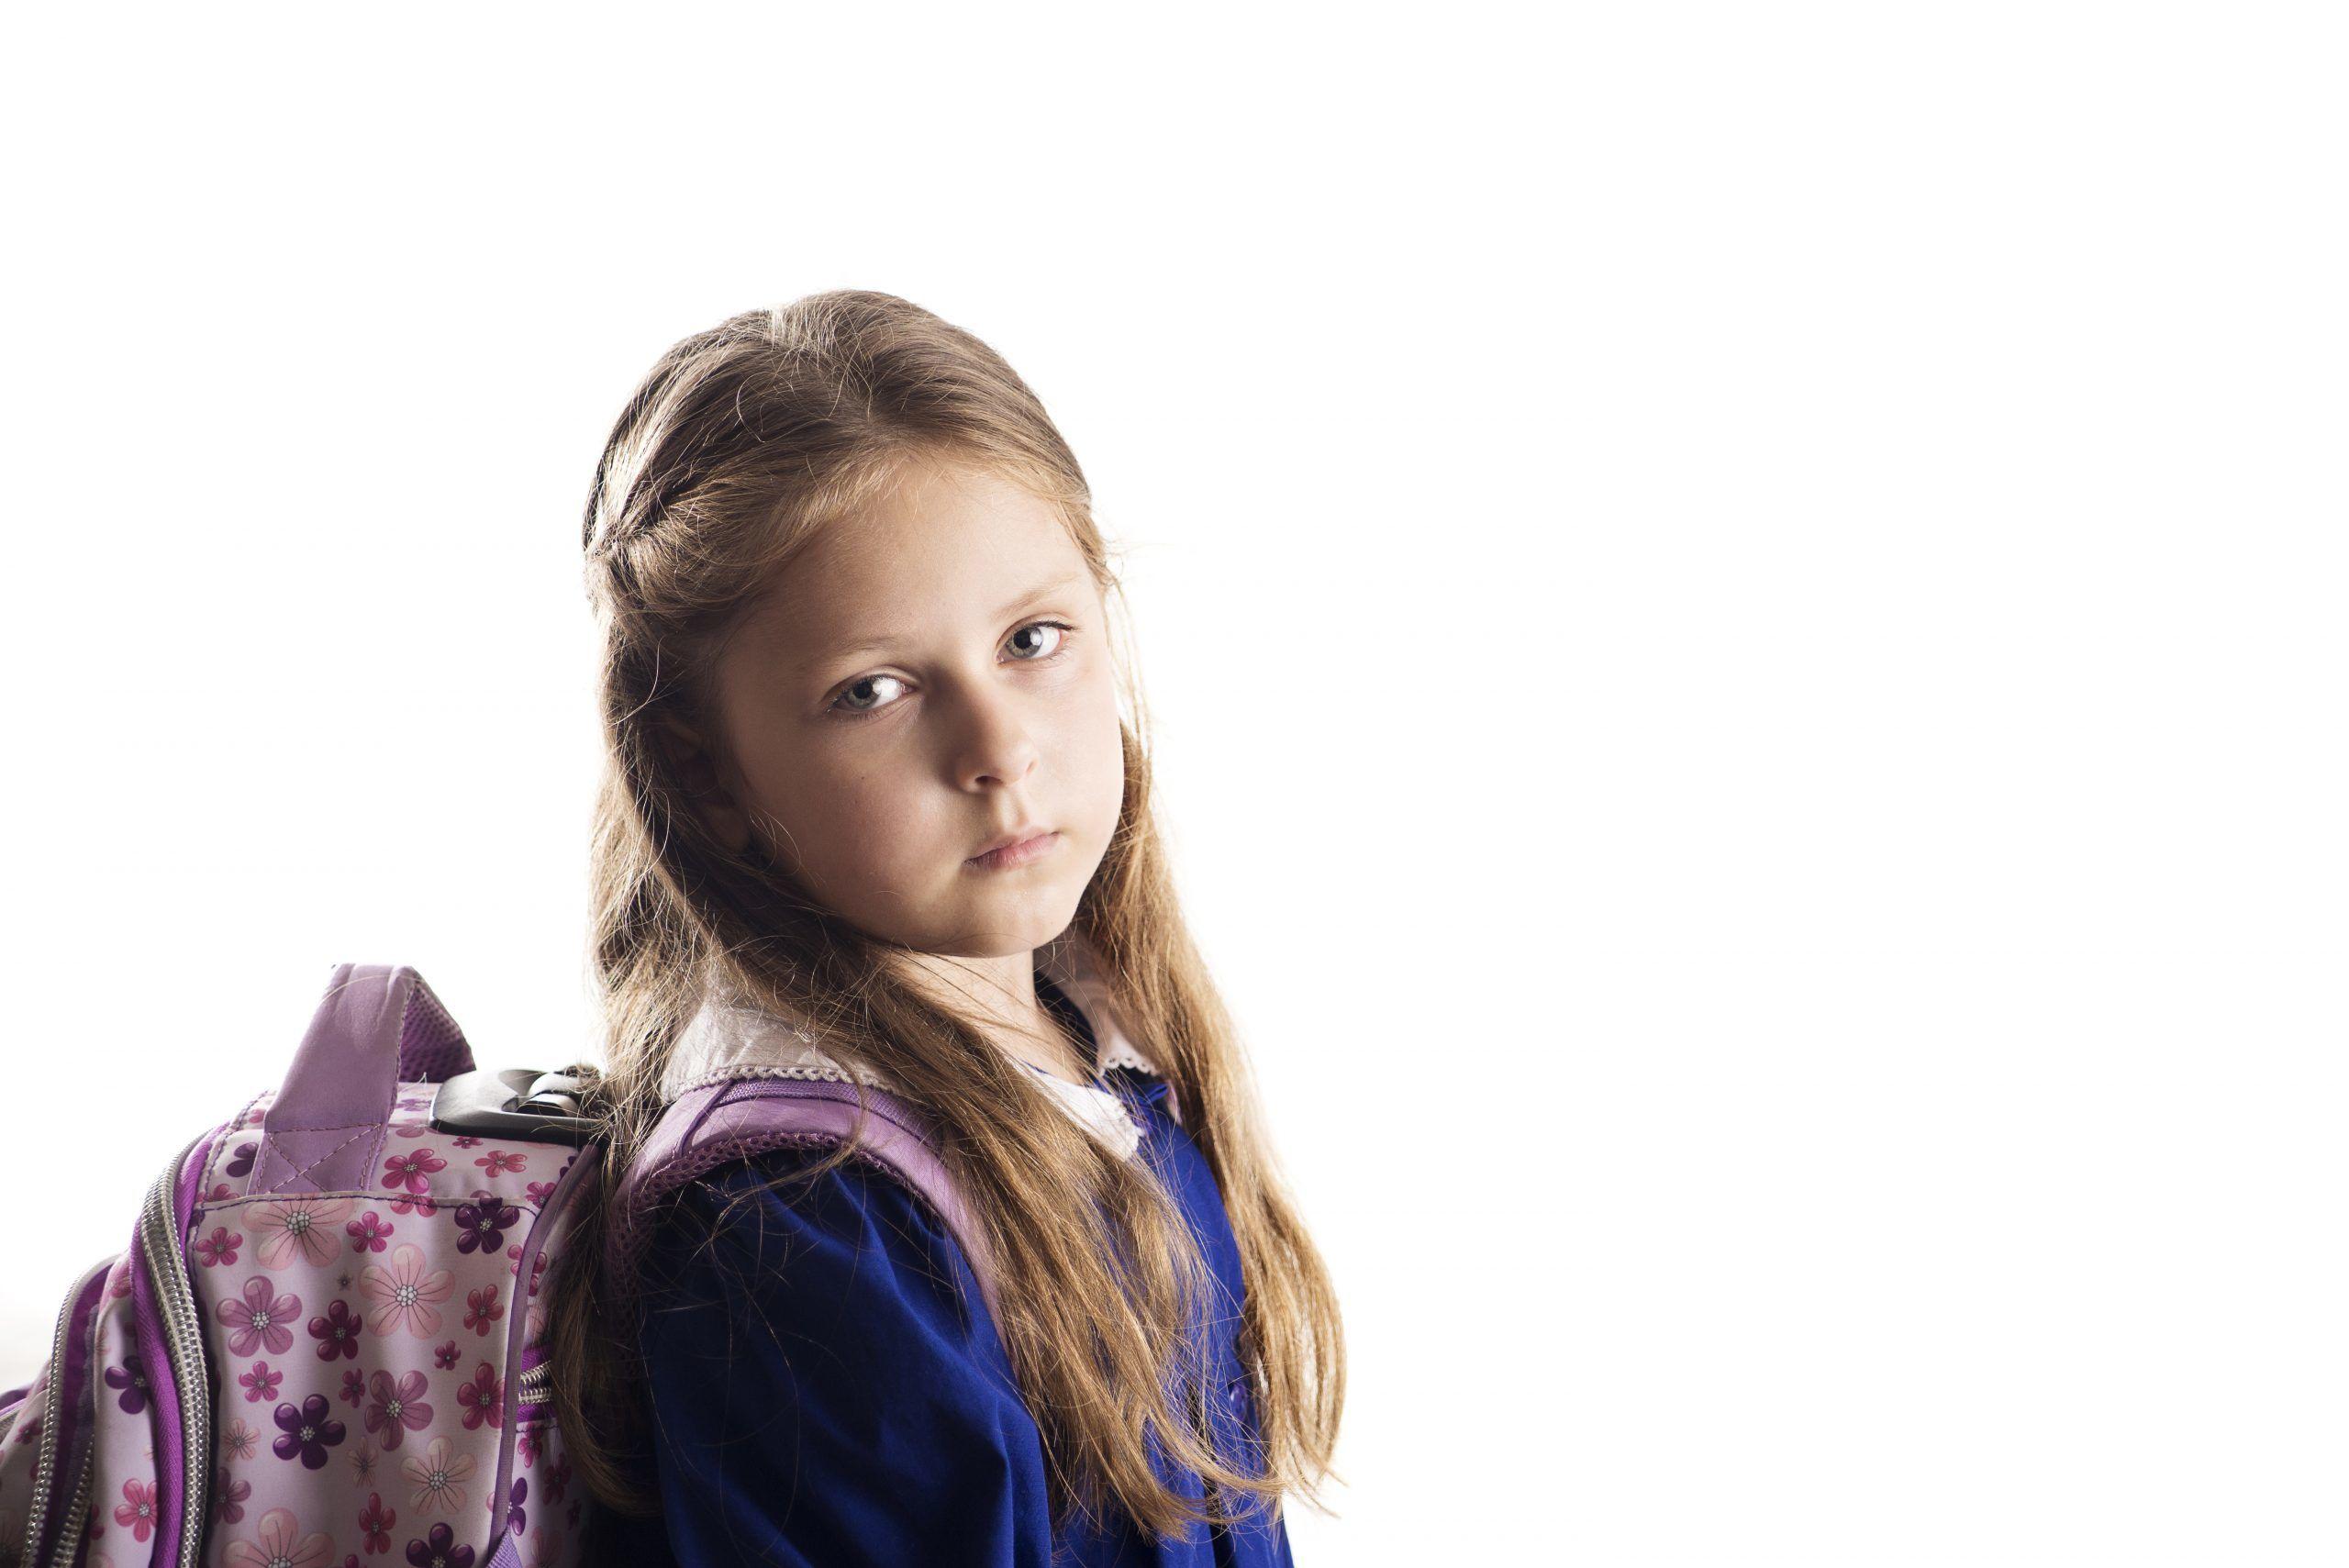 Schülerin mit Mutismus schaut traurig